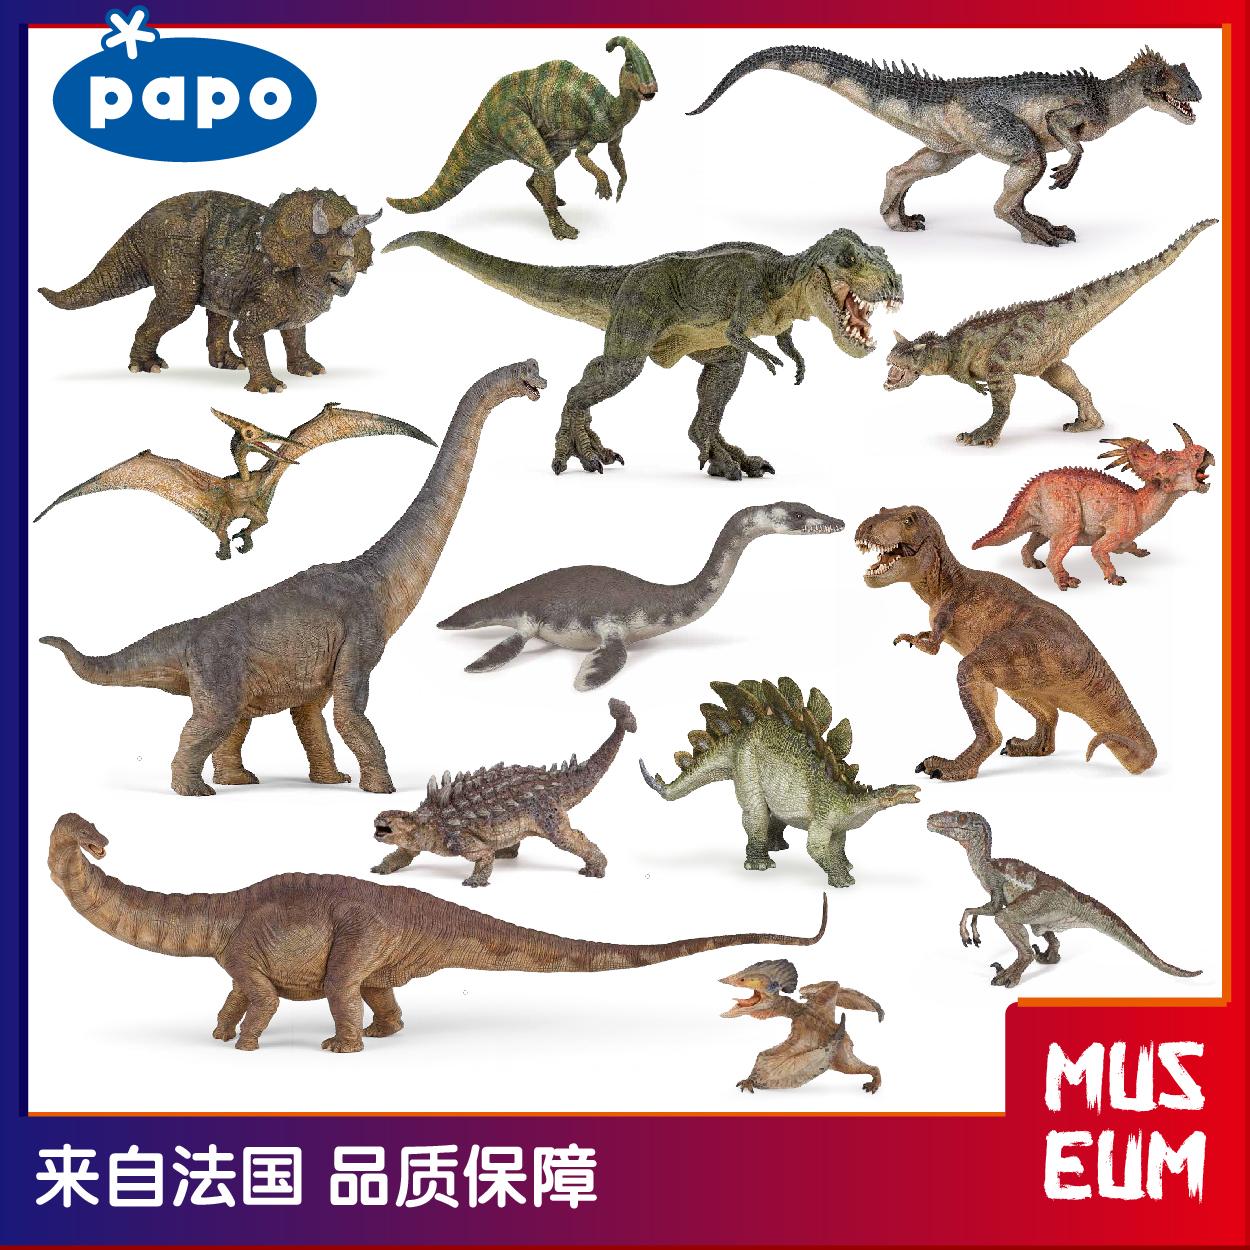 法国papo侏罗纪恐龙模型玩具 牛龙 蛇颈龙甲龙三角龙迅猛龙窃蛋龙图片